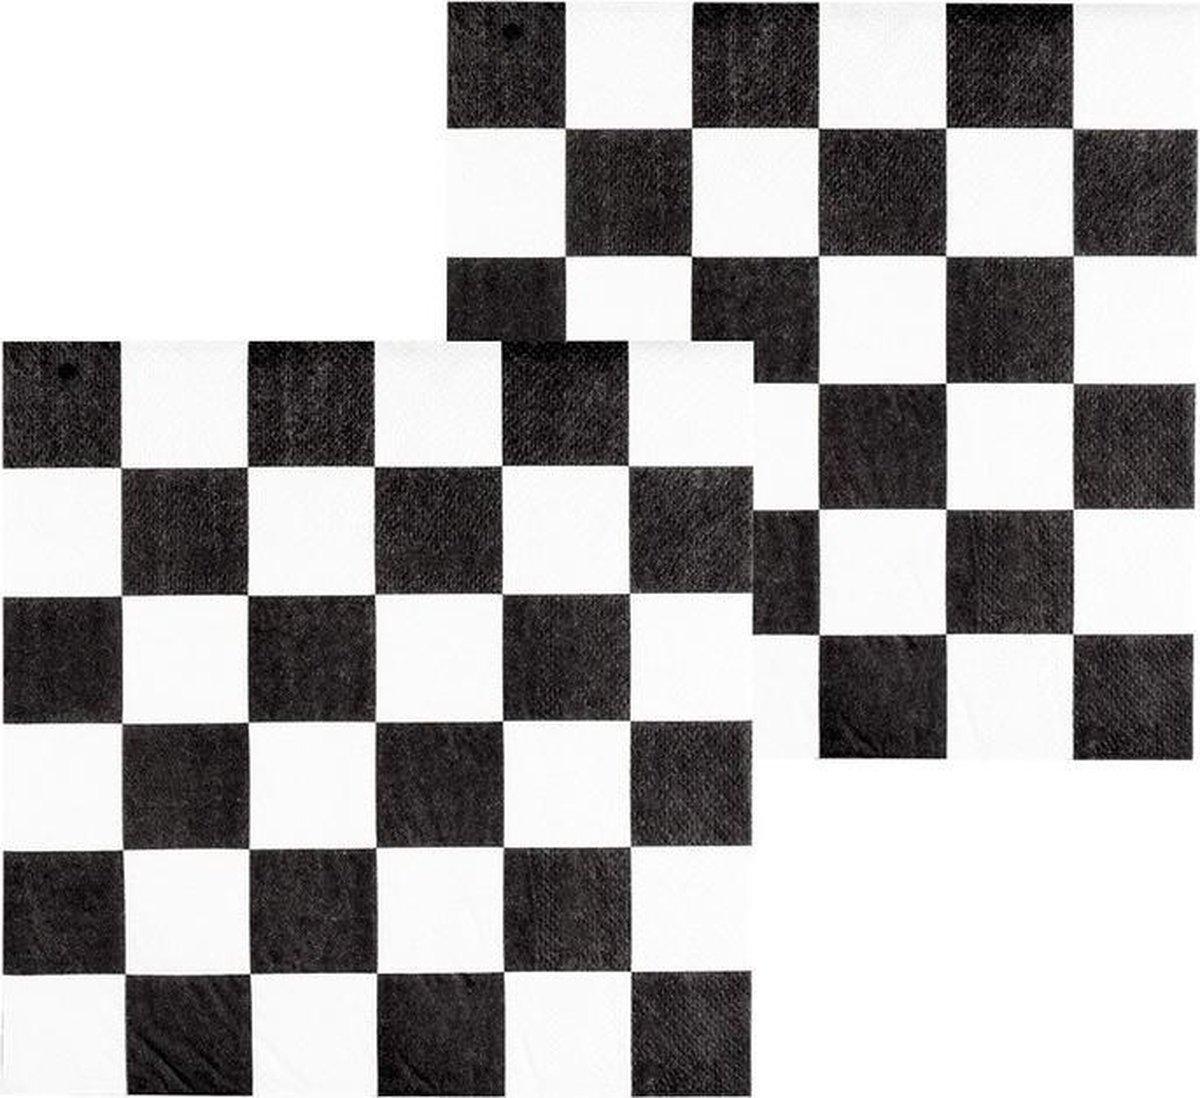 12x Finish auto racing servetten zwart/wit geblokt - tafel feestartikelen en versiering - Merkloos